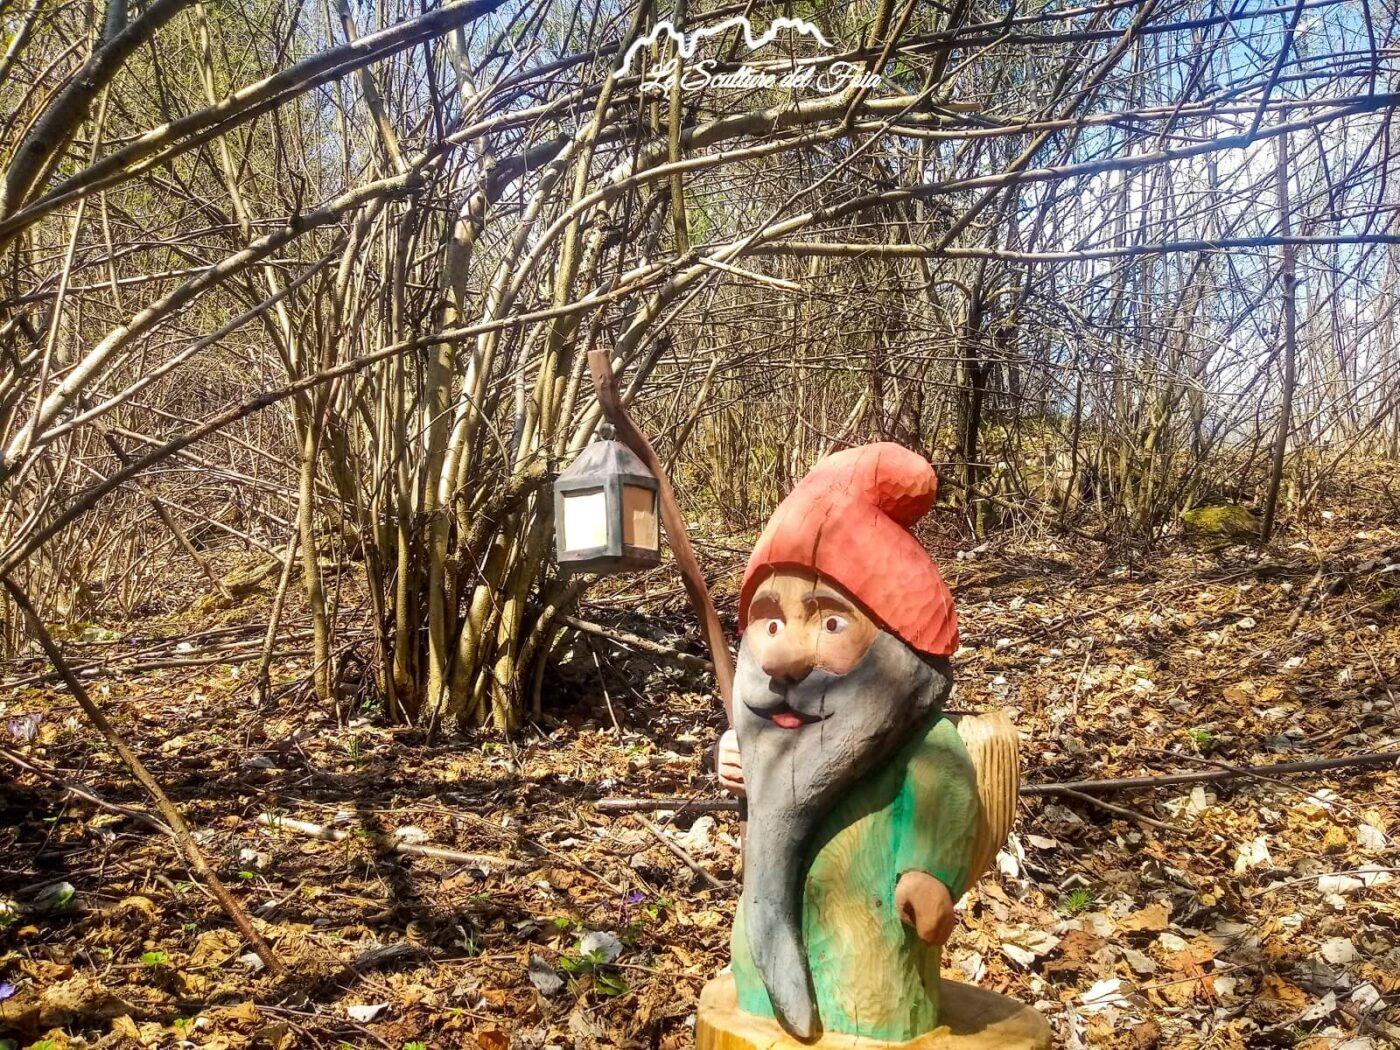 Le Sculture del Foia - Covid - A spasso nel bosco di Marco Valt